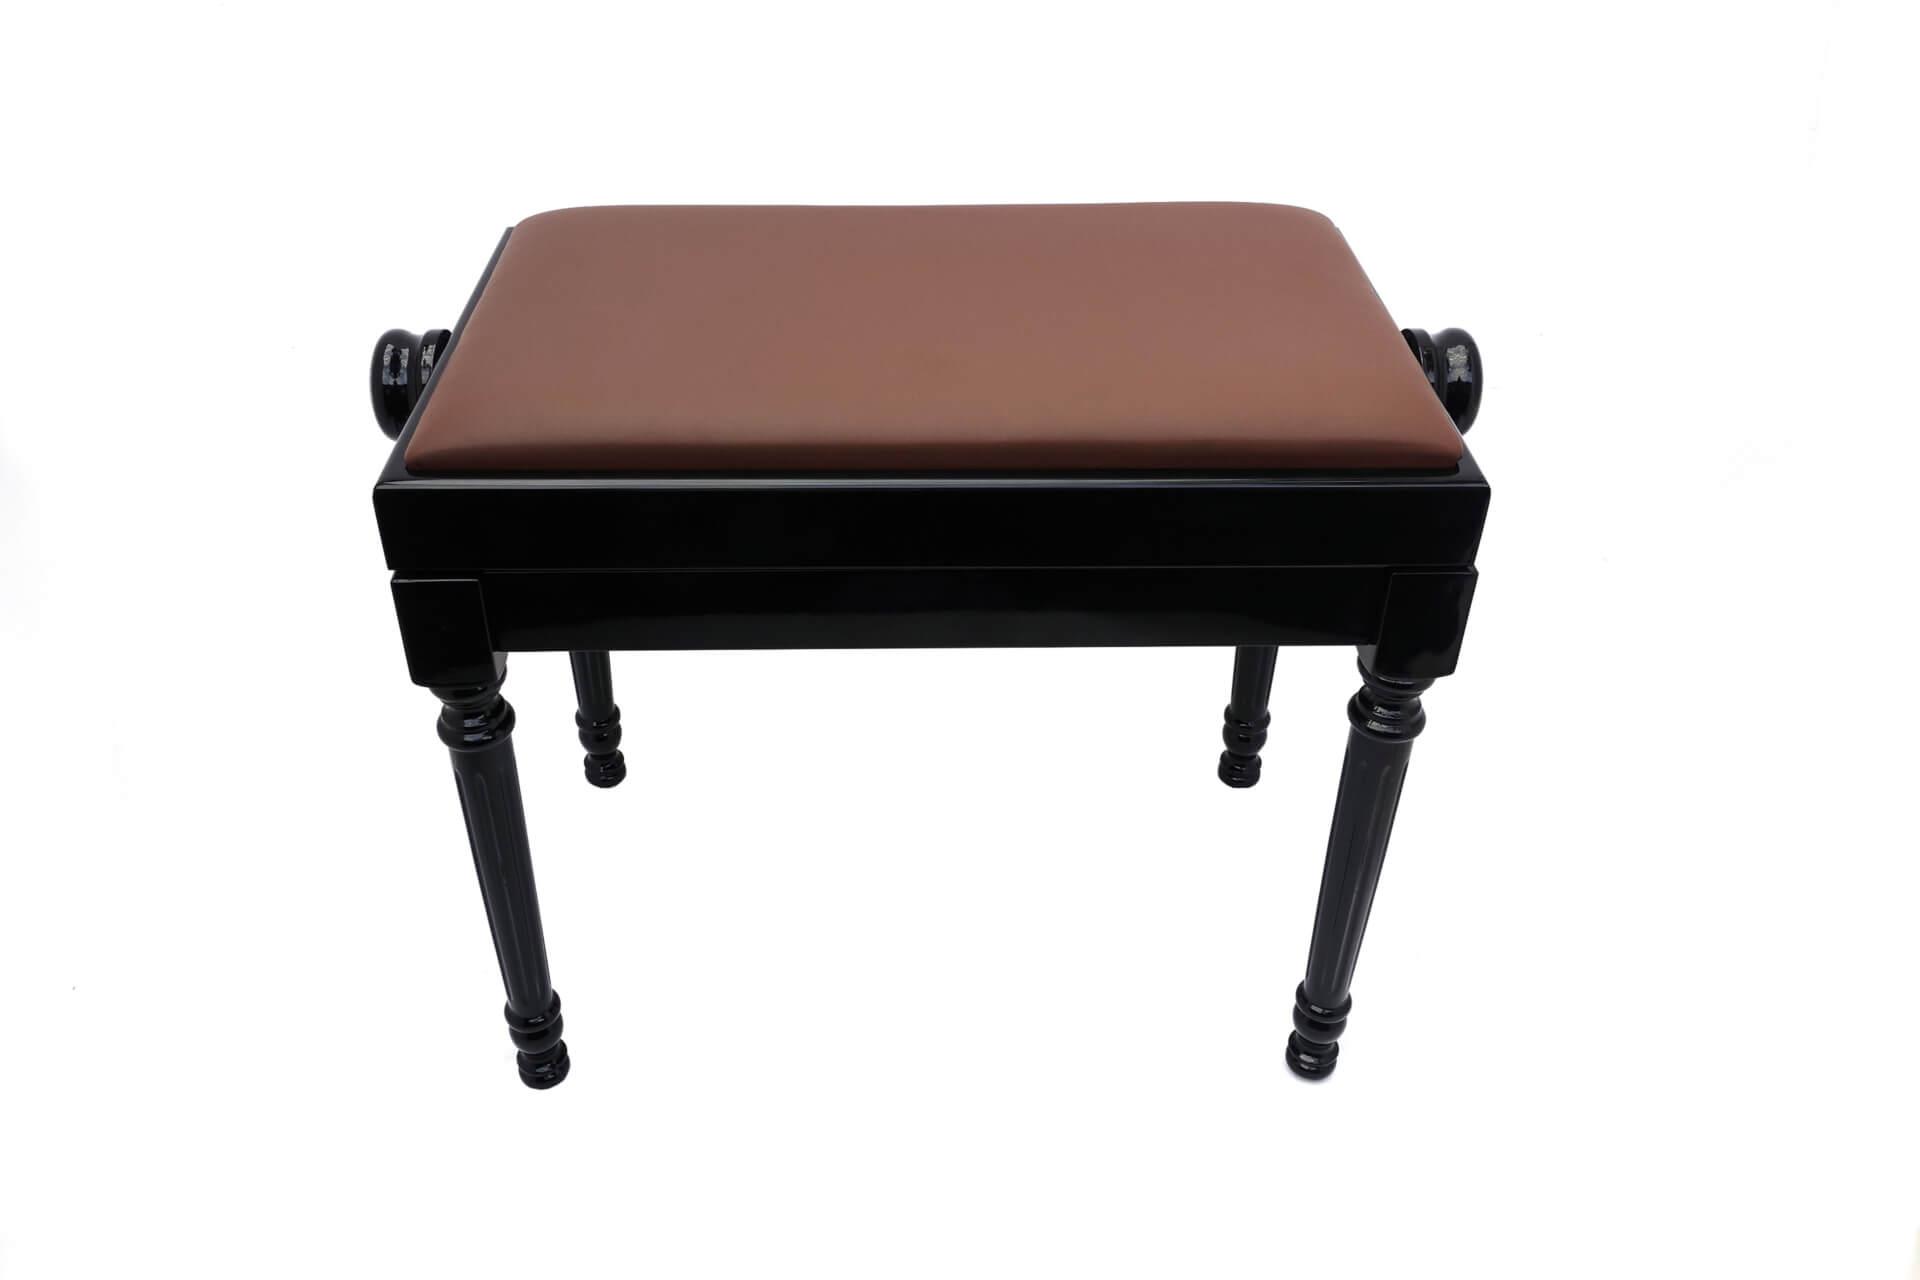 Panchetta sgabello per pianoforte